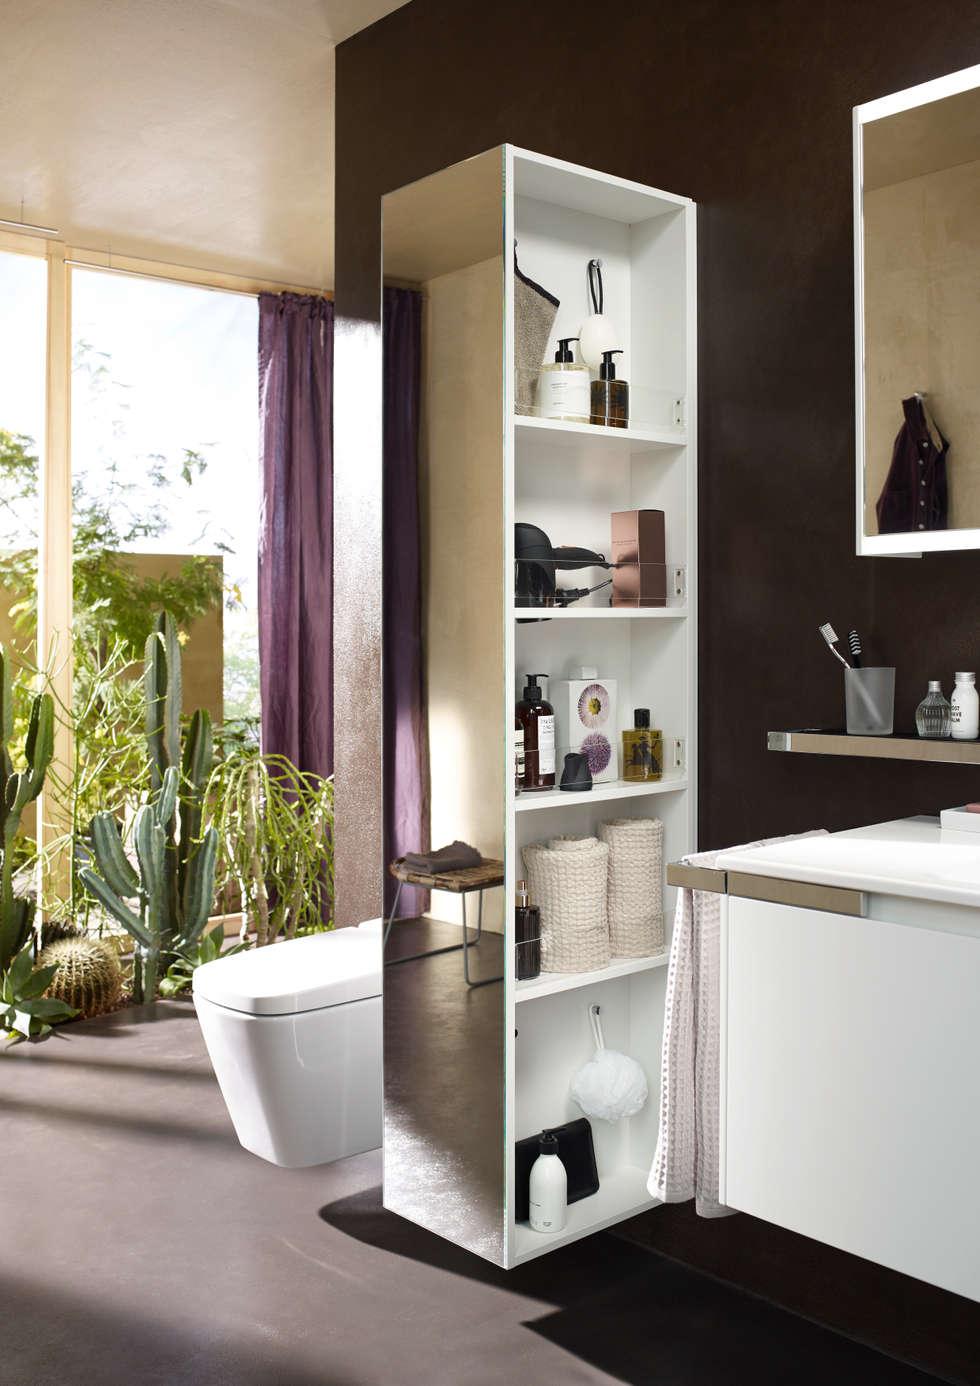 Salle De Bain Pour Personne A Mobilite Reduite ~ Id Es De Design D Int Rieur Et Photos De R Novation Homify